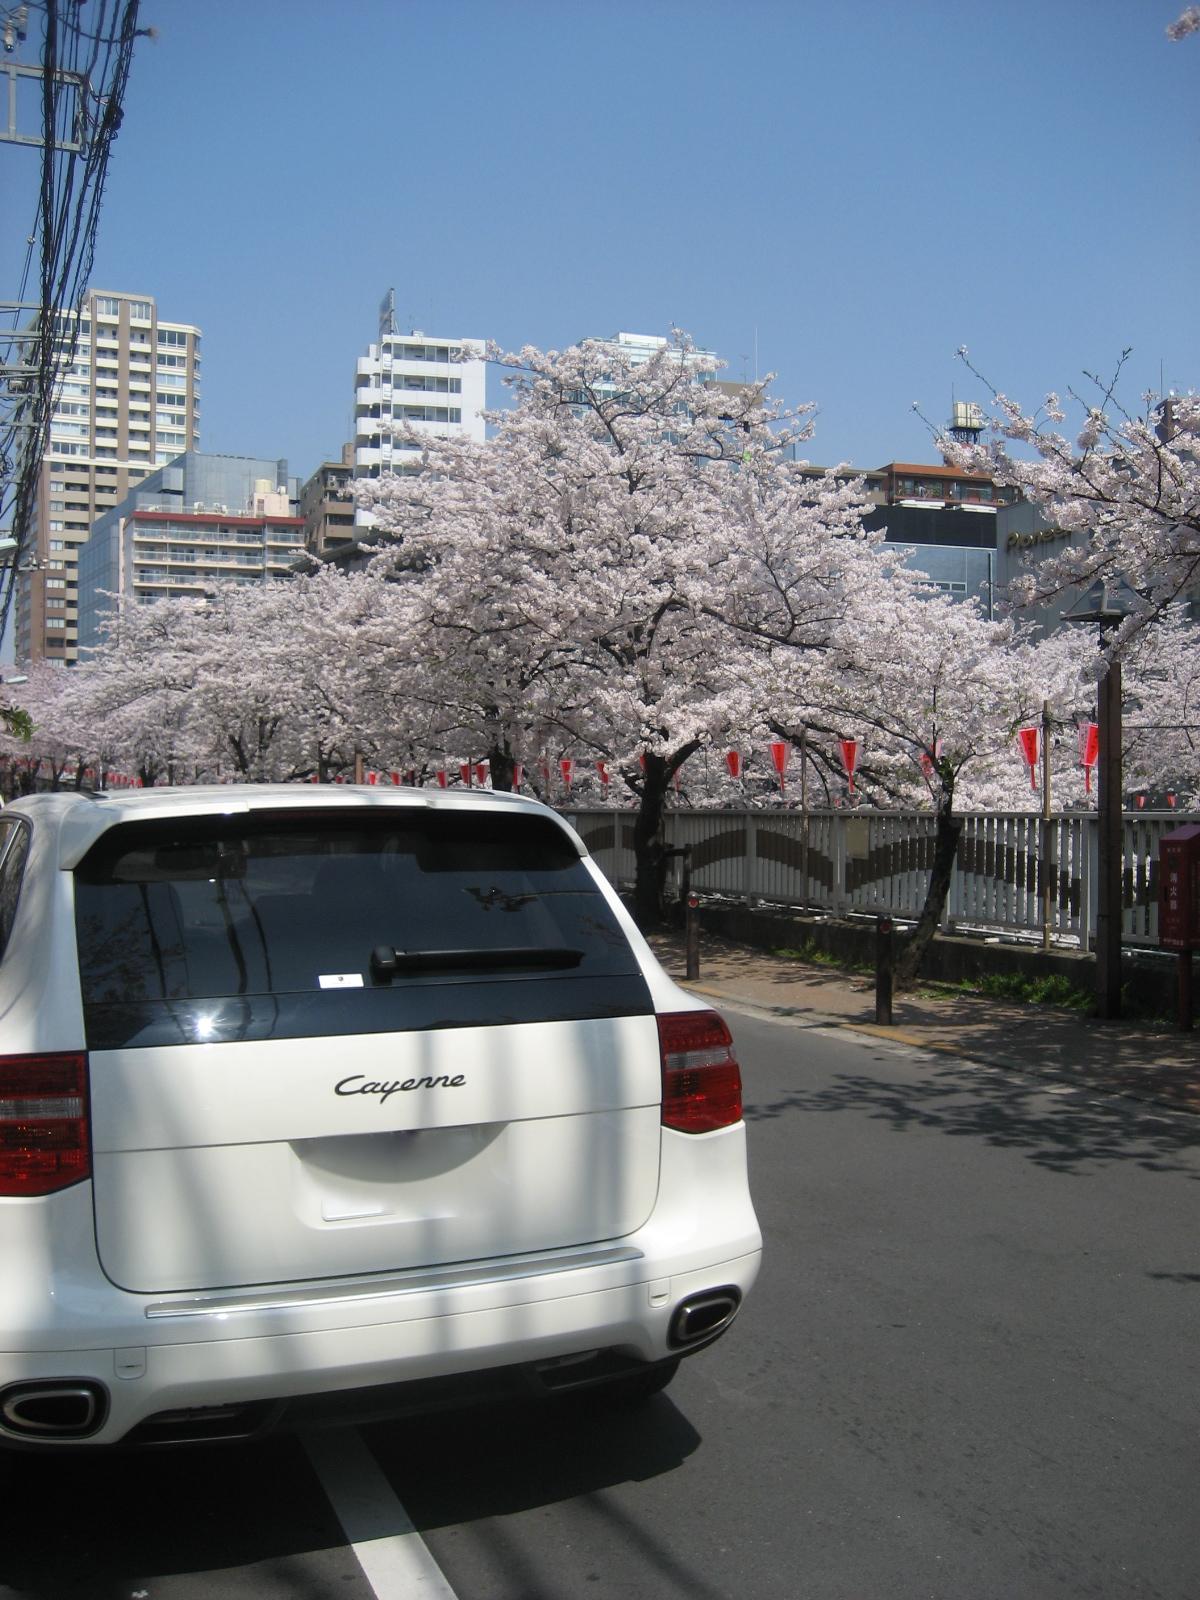 週末を振り返る_月曜の日常は桜とカイエン_ふとしたきっかけで蘇る記憶_懐かしのHi-Standard